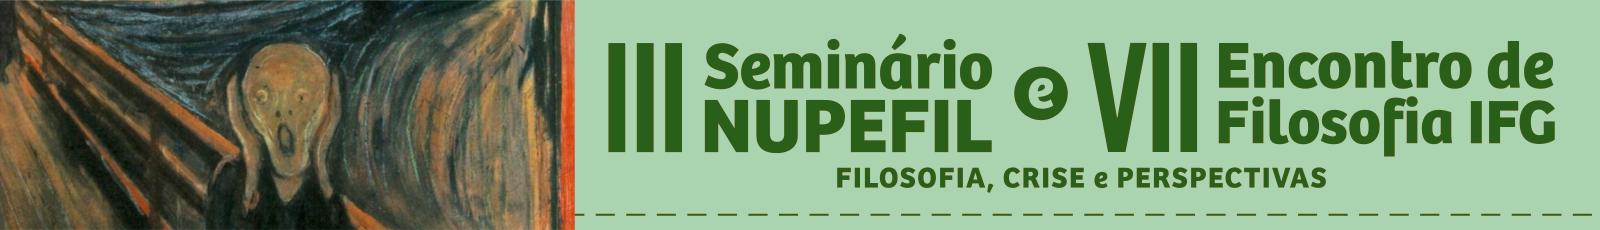 Cabeçalho---III-Seminario-NUPEFIL-e-VII-Encontro-de-Filosofia